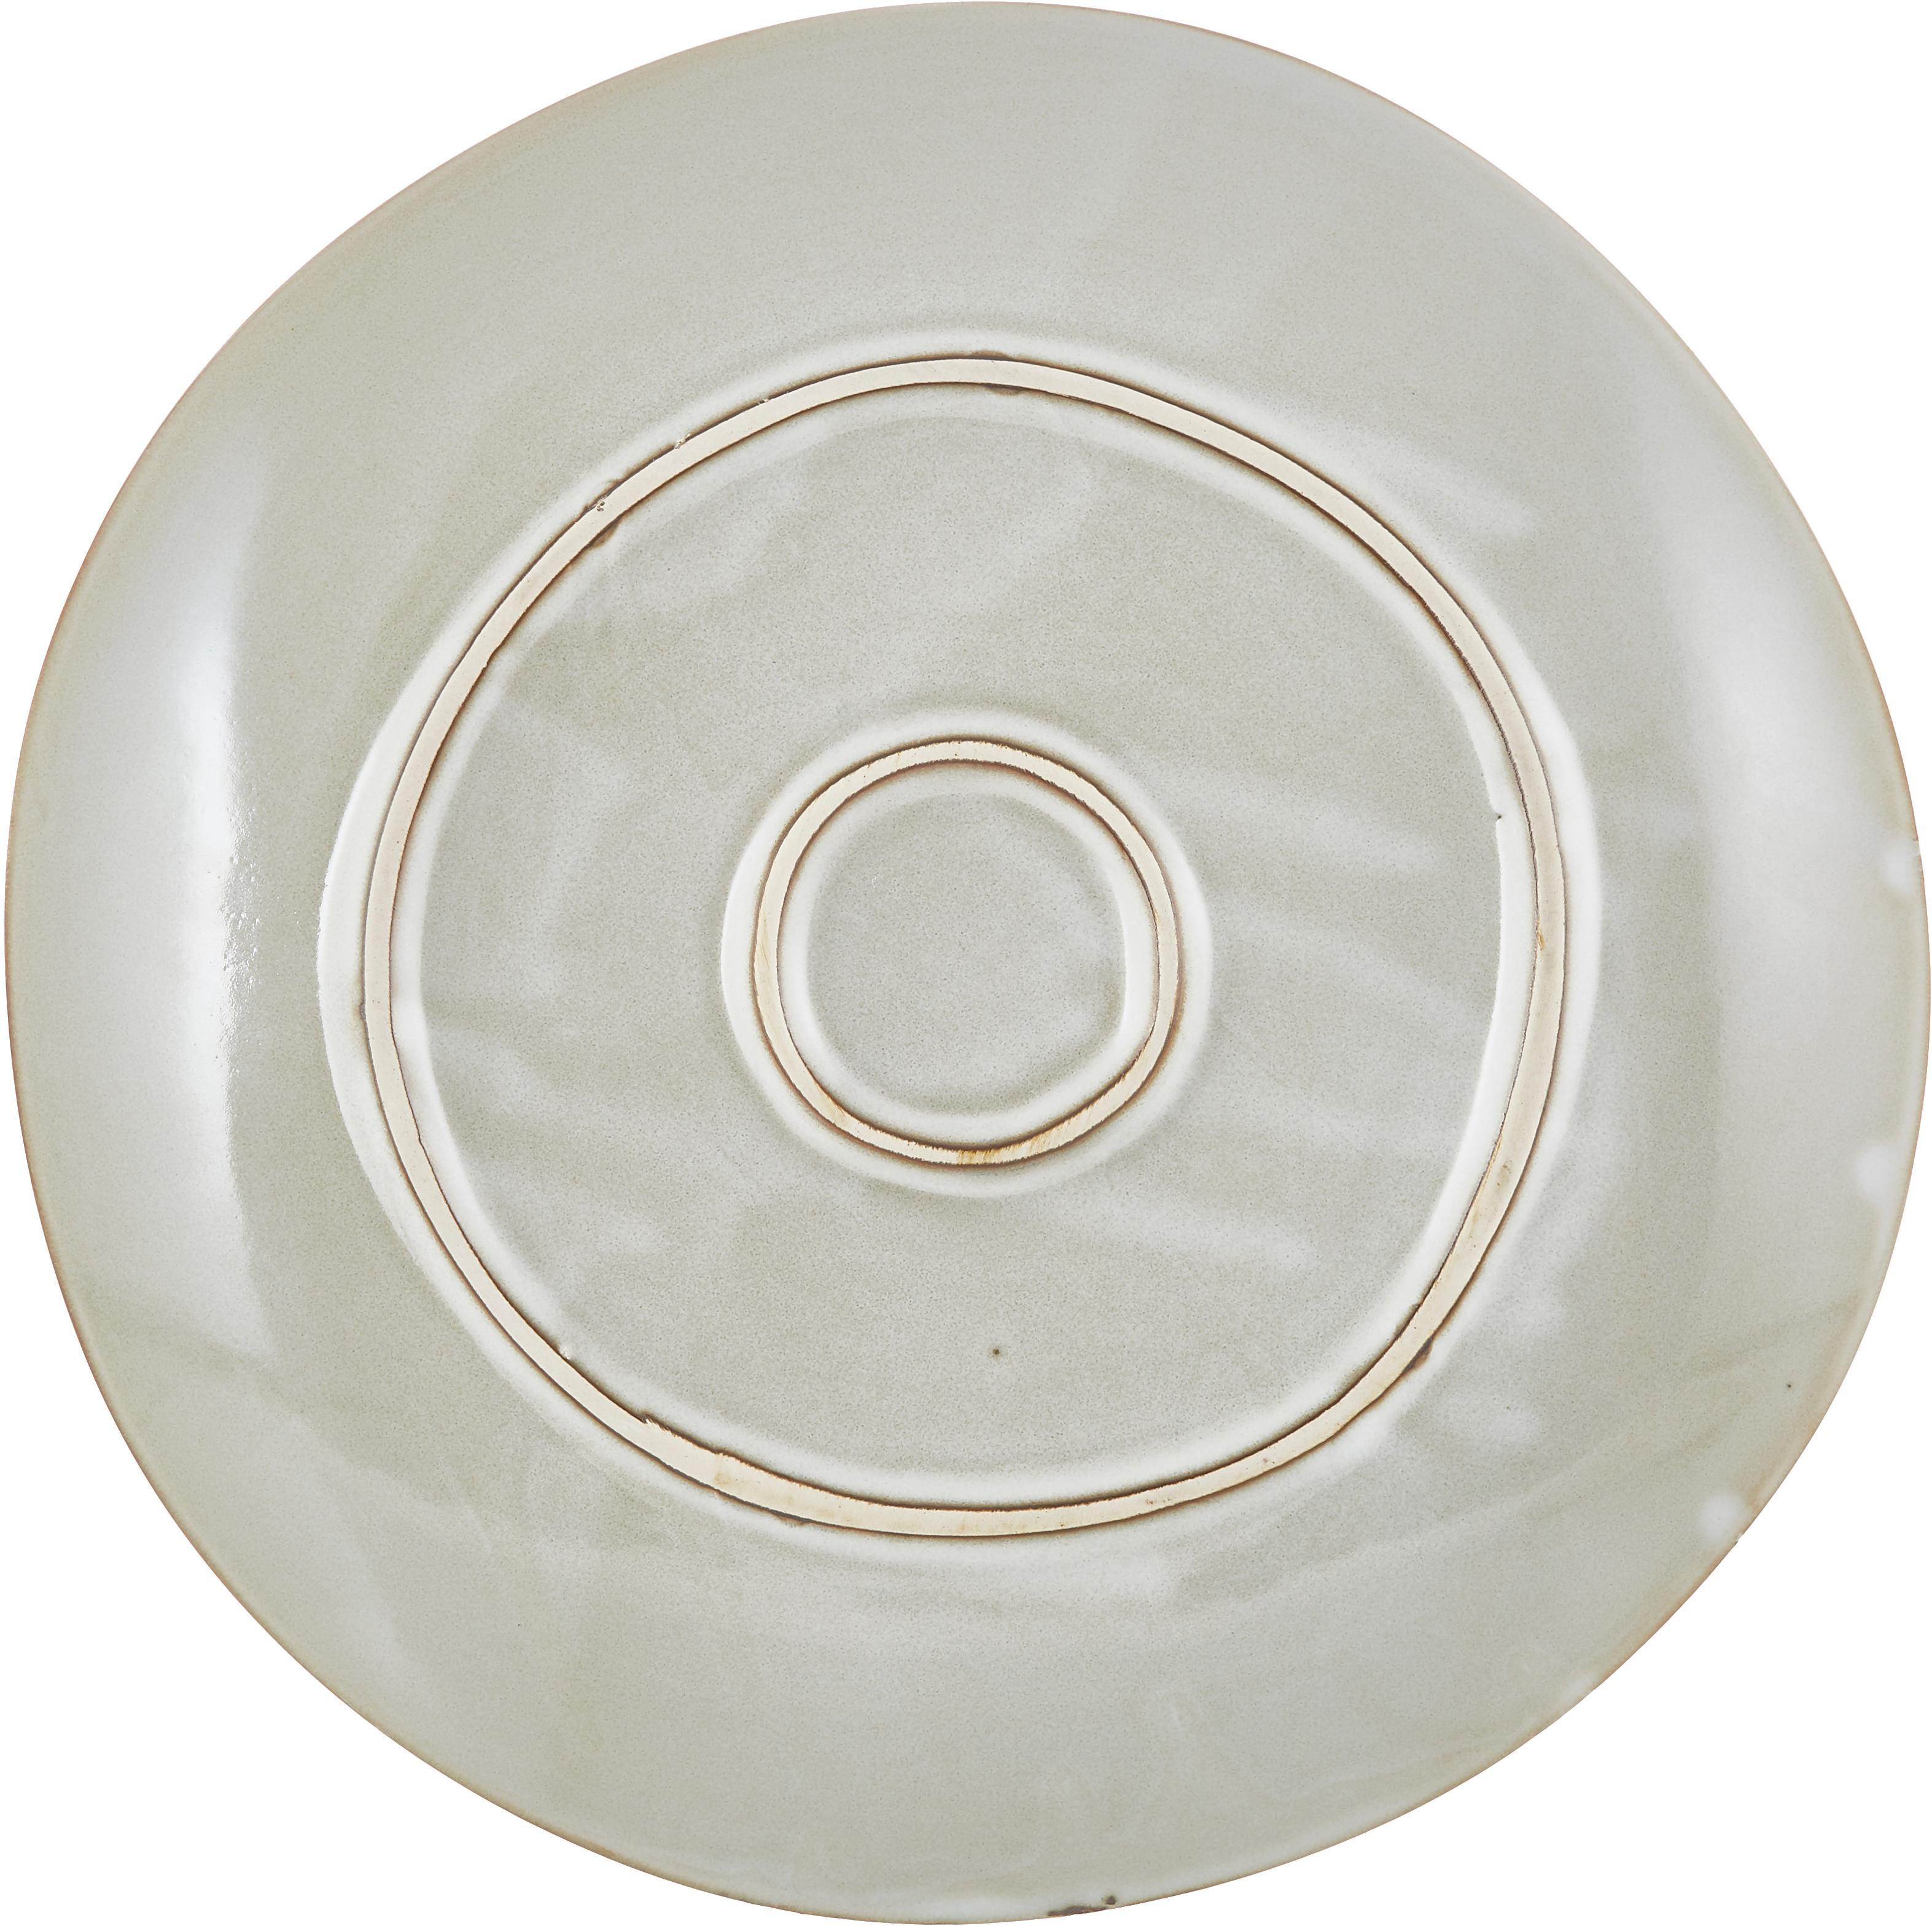 Handgemachte Speiseteller Thalia in Beige, 2 Stück, Steingut, Beige, Ø 27 cm